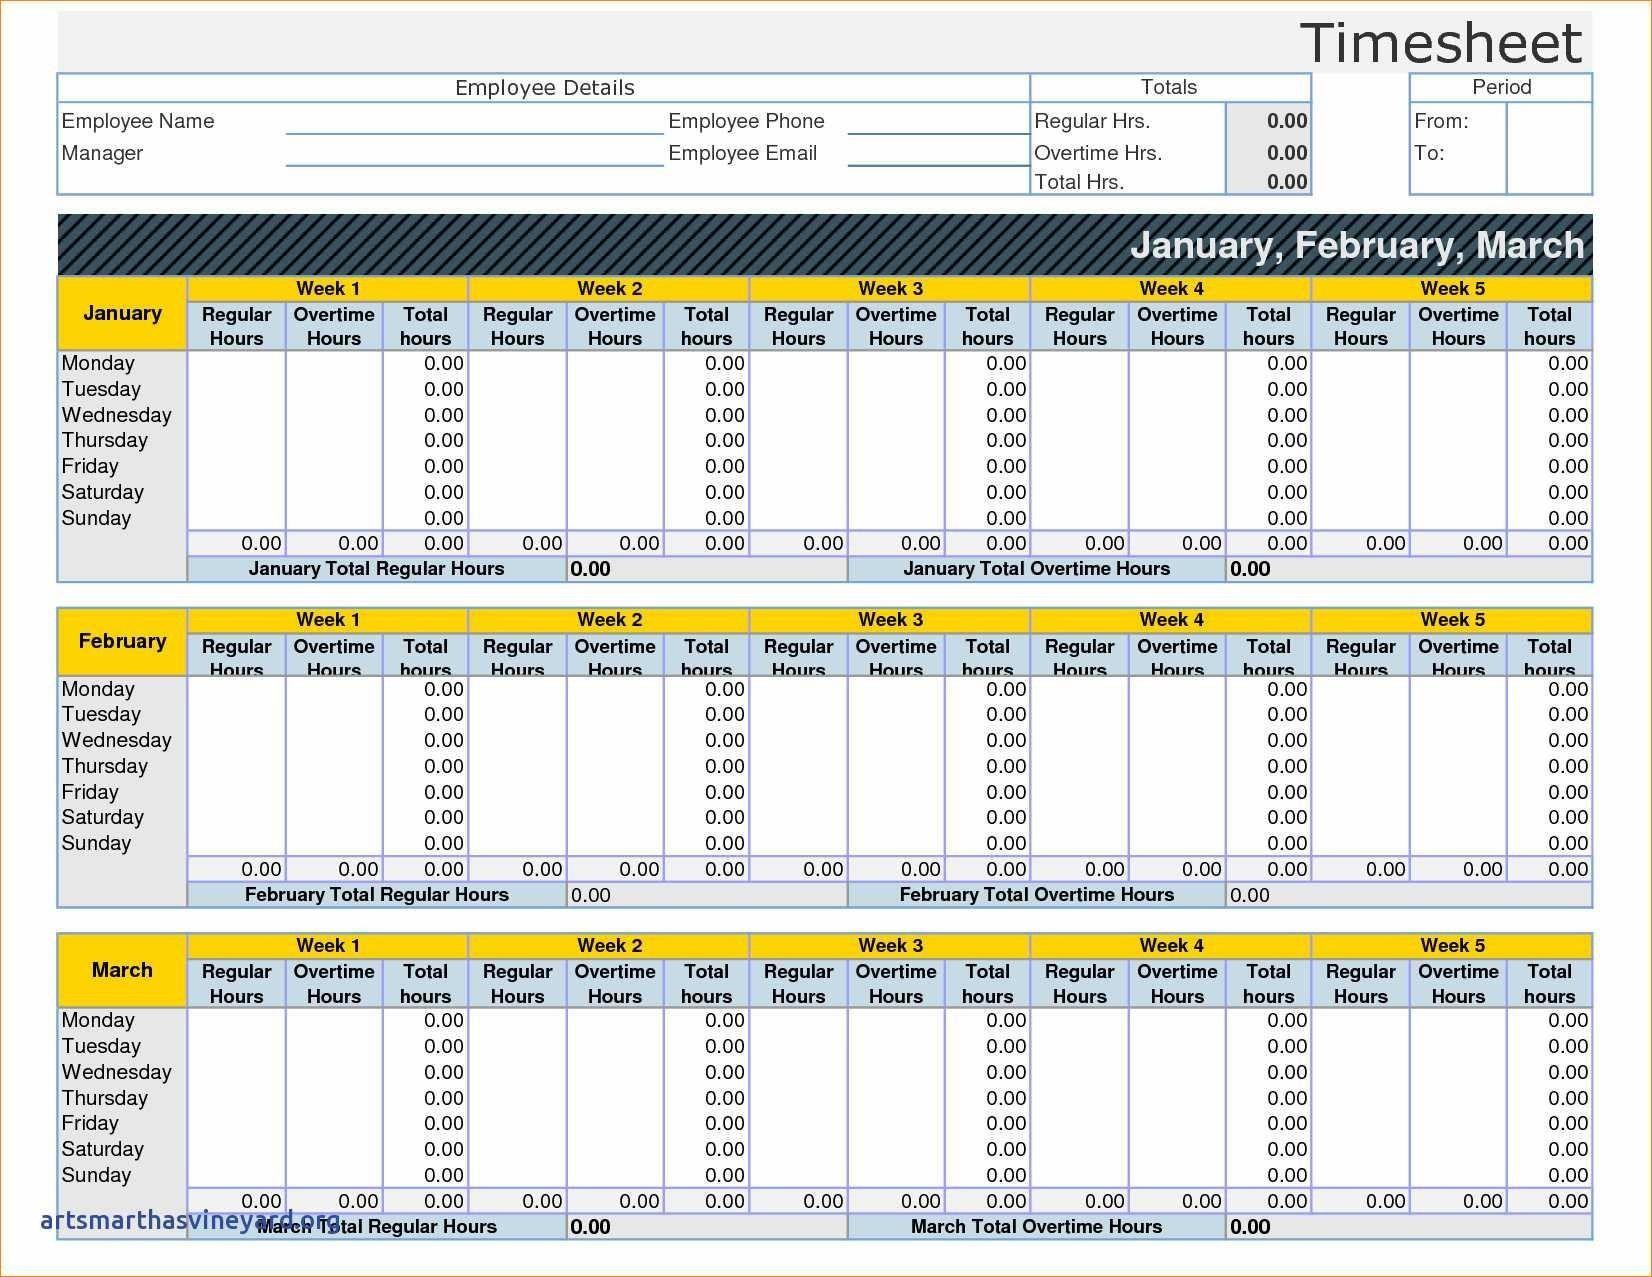 Unique Multiple Employee Weekly Timesheet Template Excel Exceltemplate Xls Xlstemplate Xlsformat Excelformat Sales Template Timesheet Template Templates Excel timesheet template multiple employees